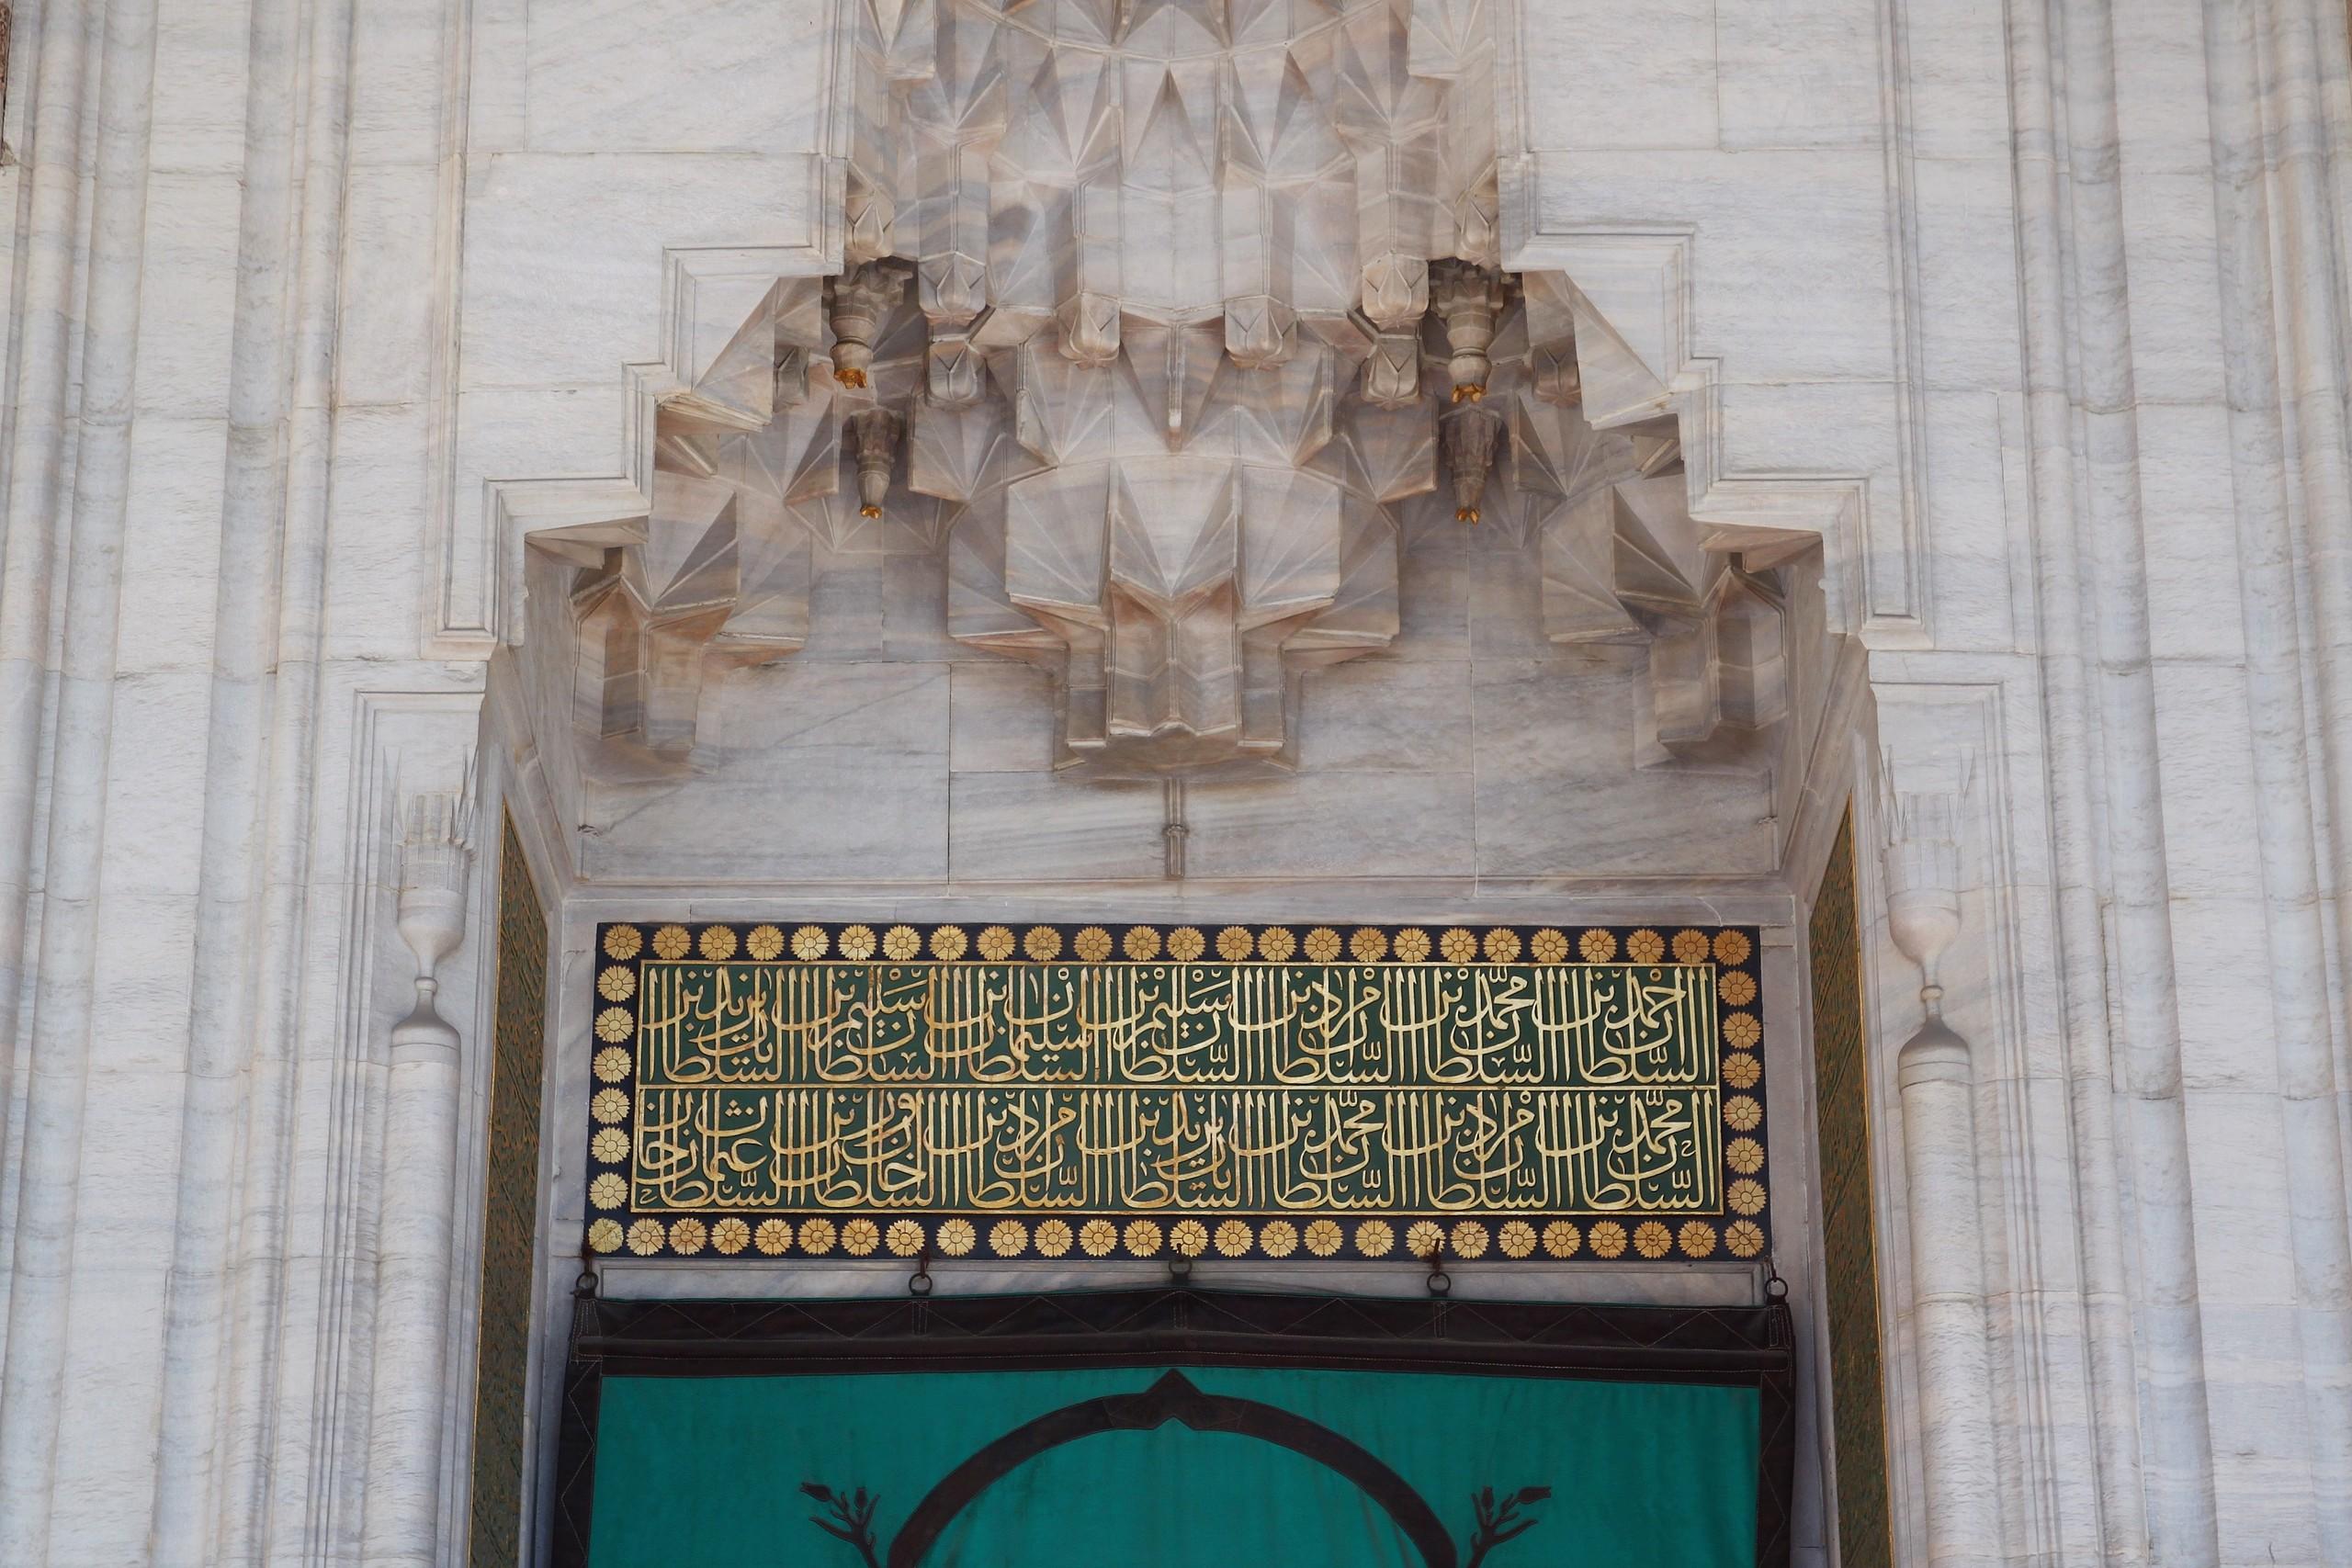 Pırlantadan Kubbeler #5: Sultanahmed - Zdj6Mg - Pırlantadan Kubbeler #5: Sultanahmed